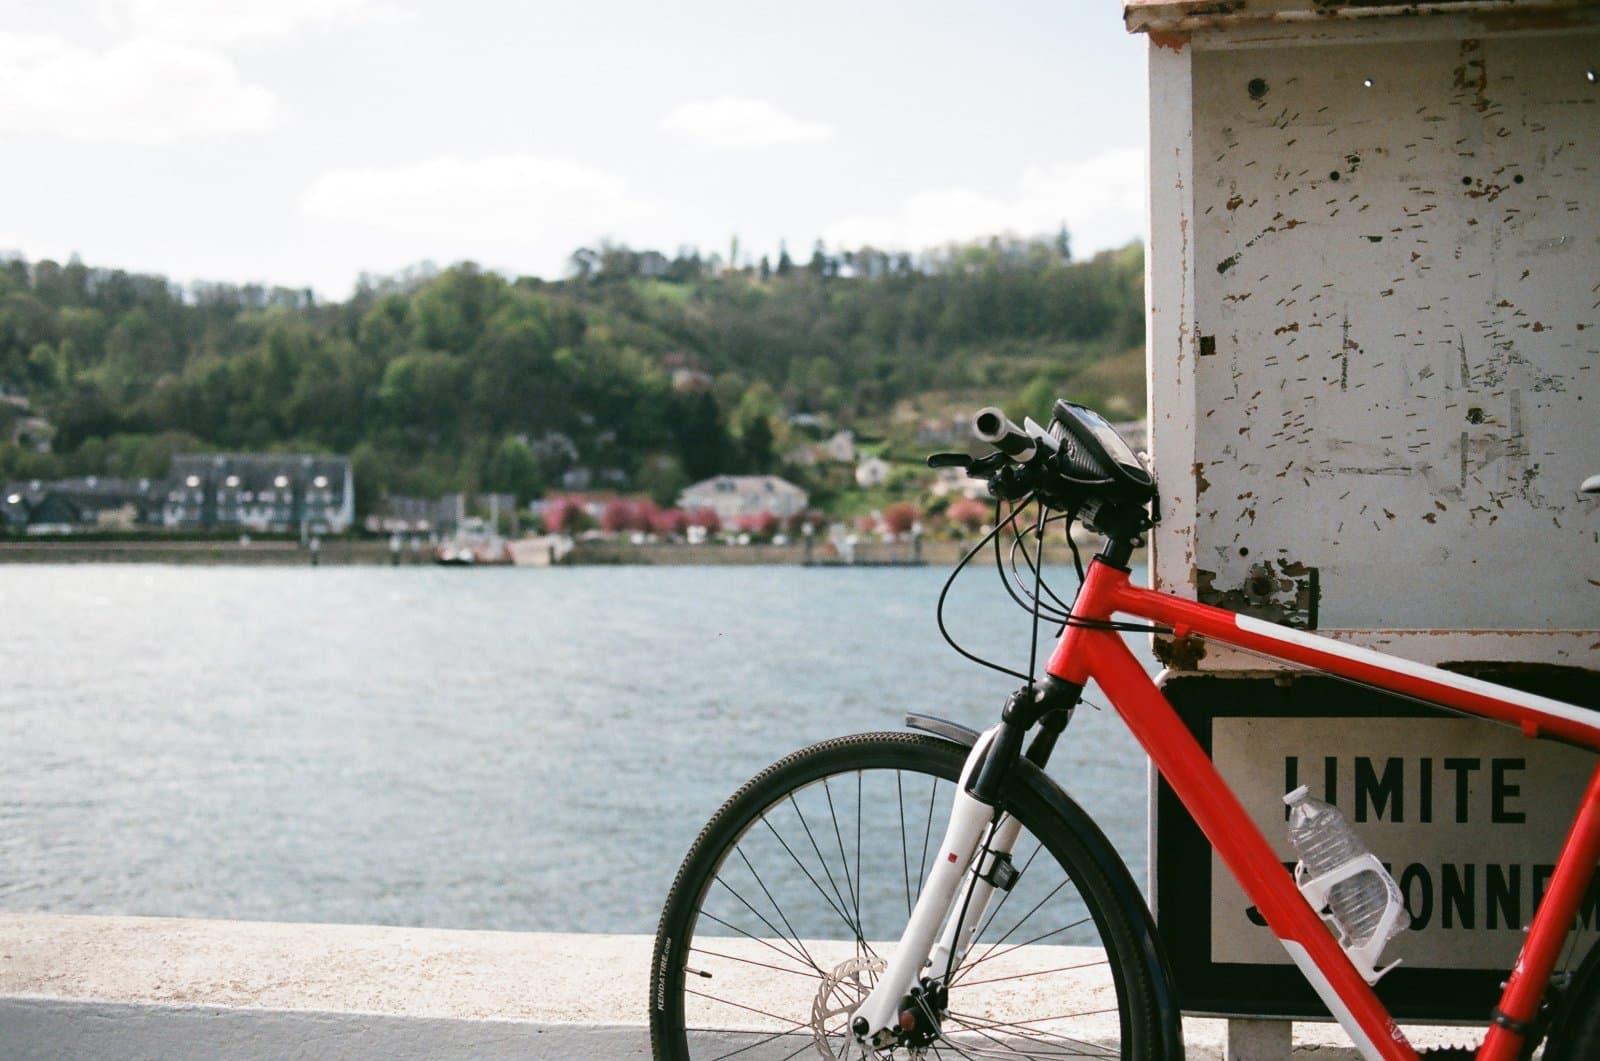 Zadbaj o swój rower i wybierz  profesjonalne części rowerowe